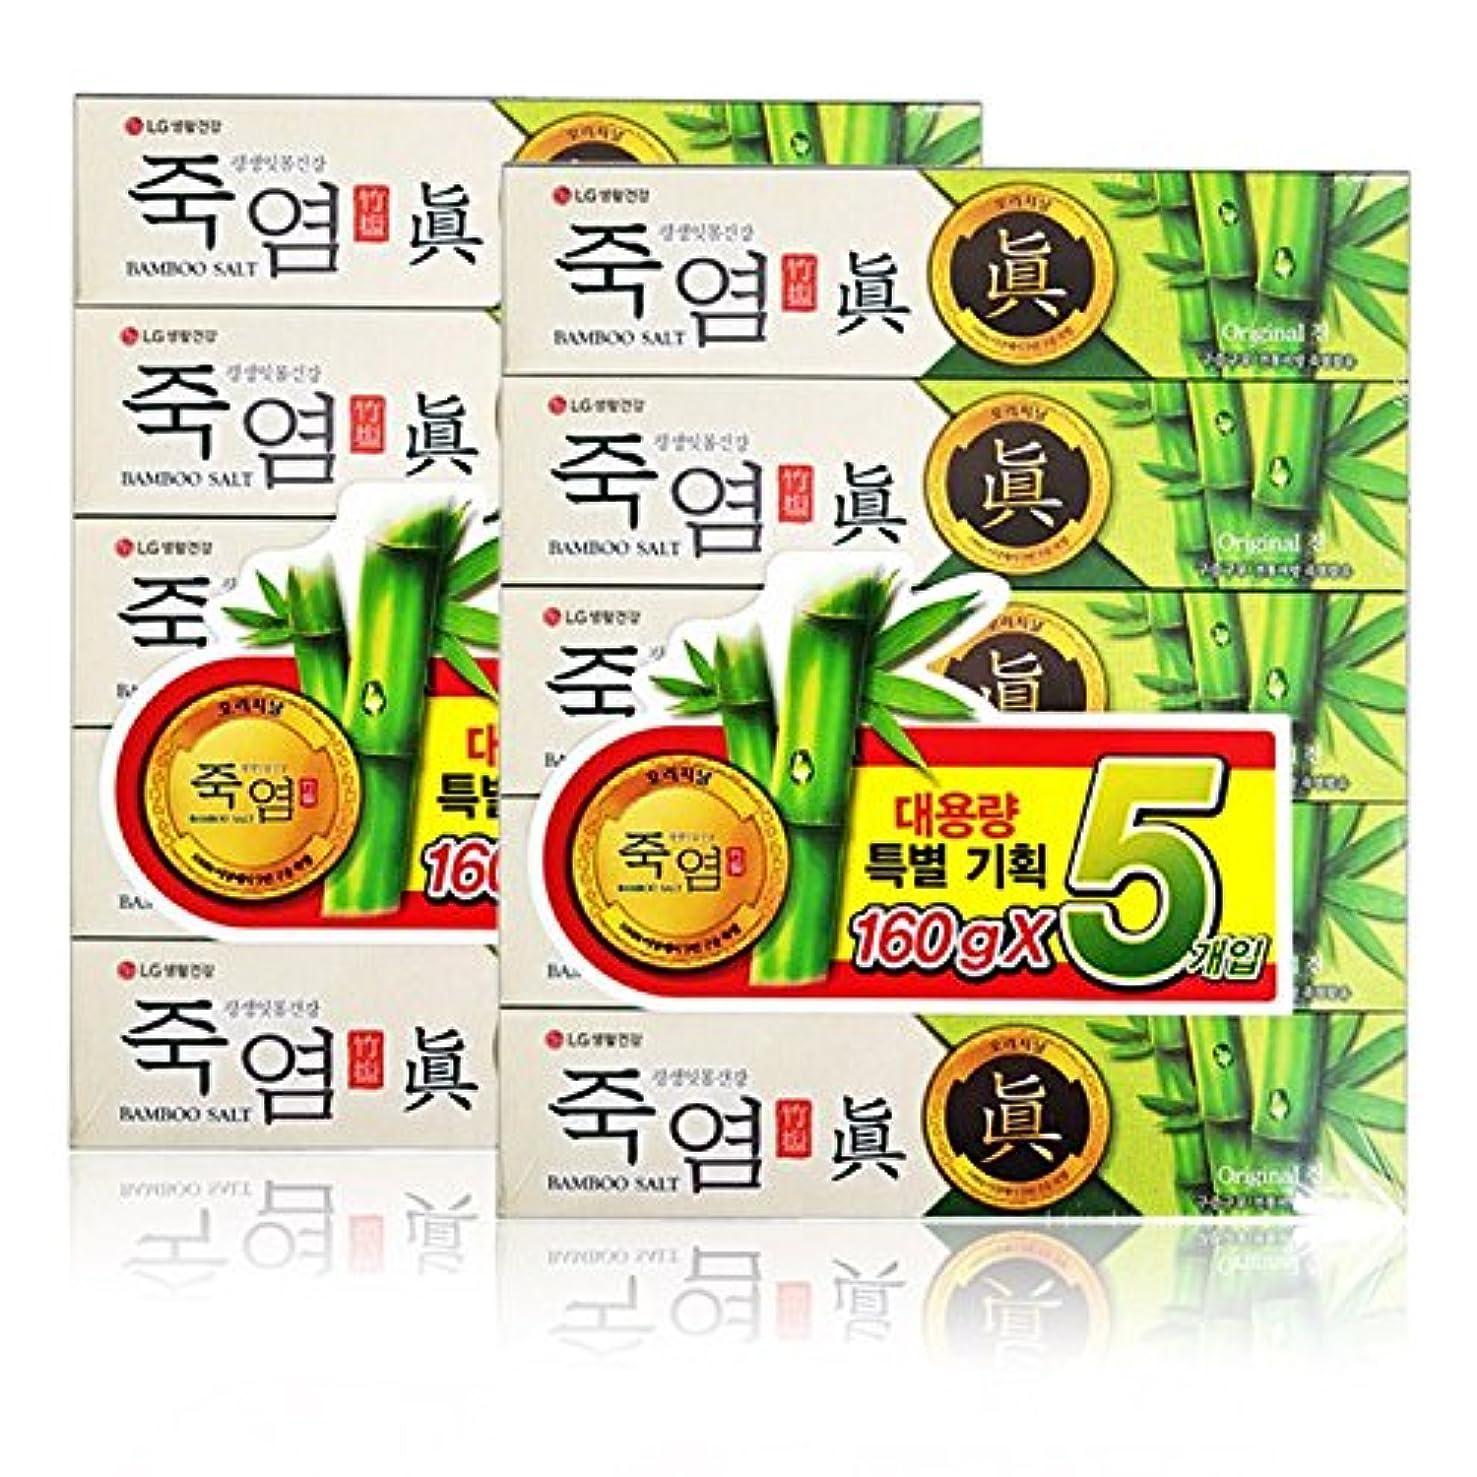 準拠プロジェクター理論的[LG電子の生活と健康] LG 竹塩オリジナル歯磨き粉160g*10つの(海外直送品)